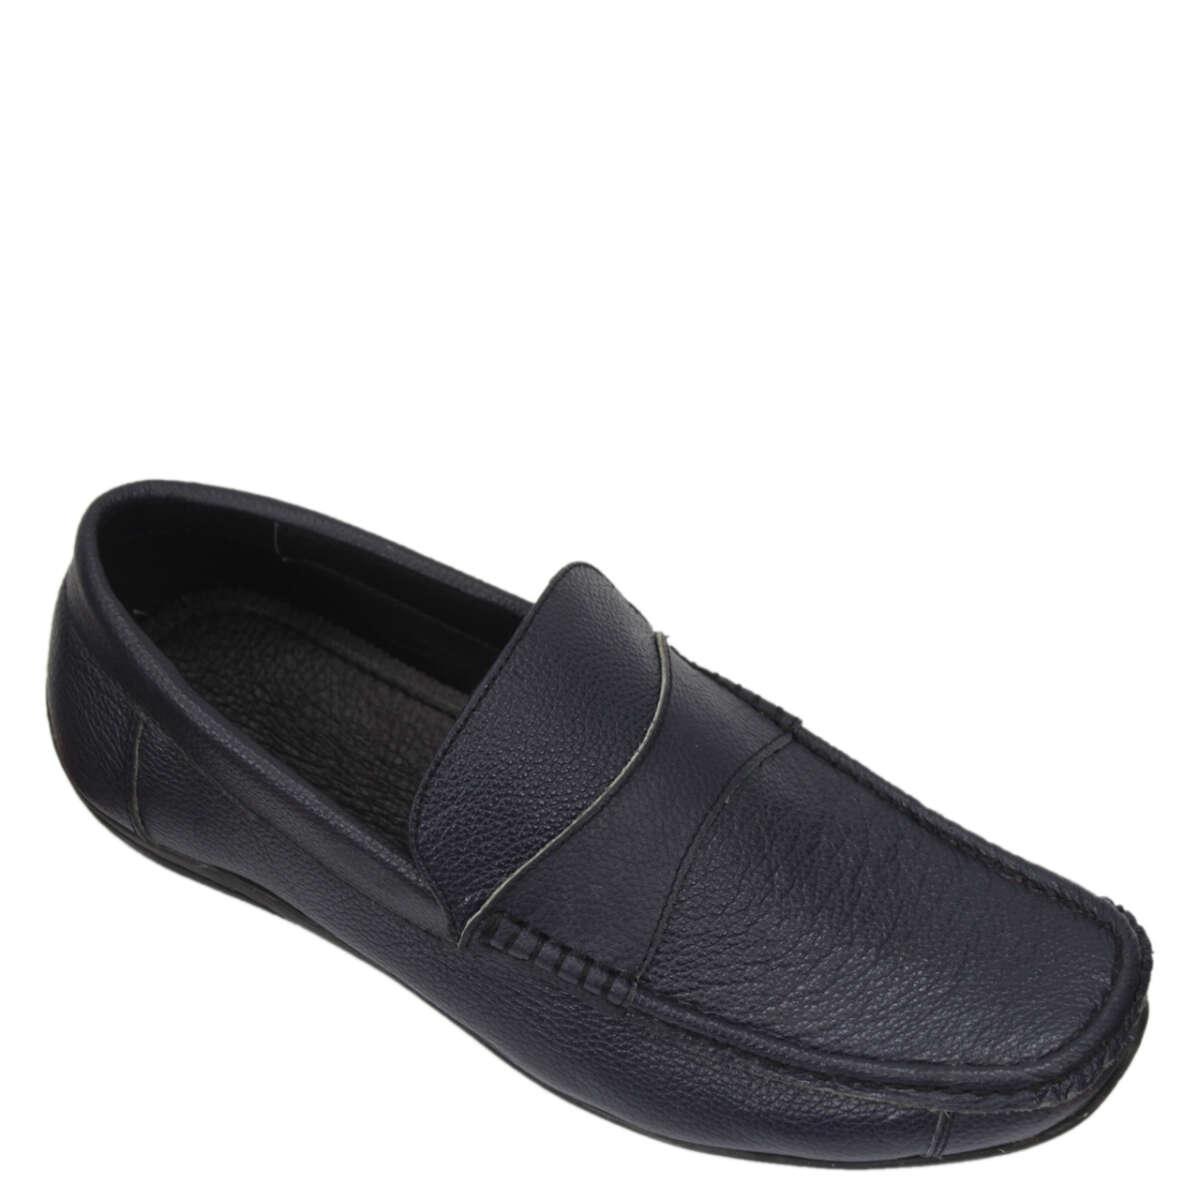 Giày lười nam da bò B861b